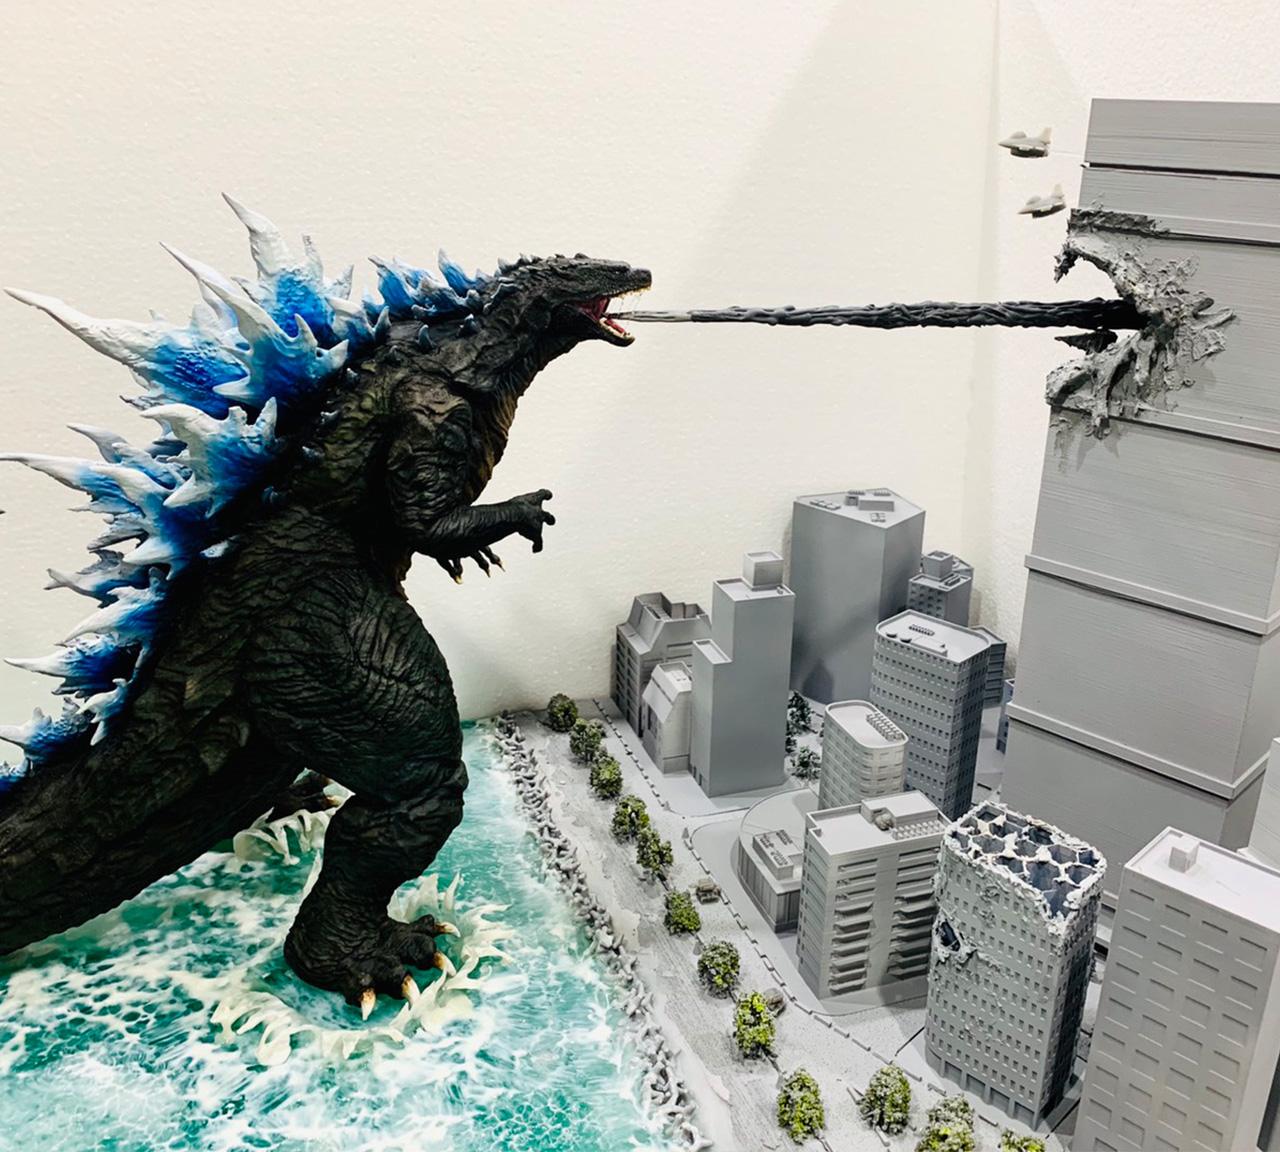 3D Printer Godzilla